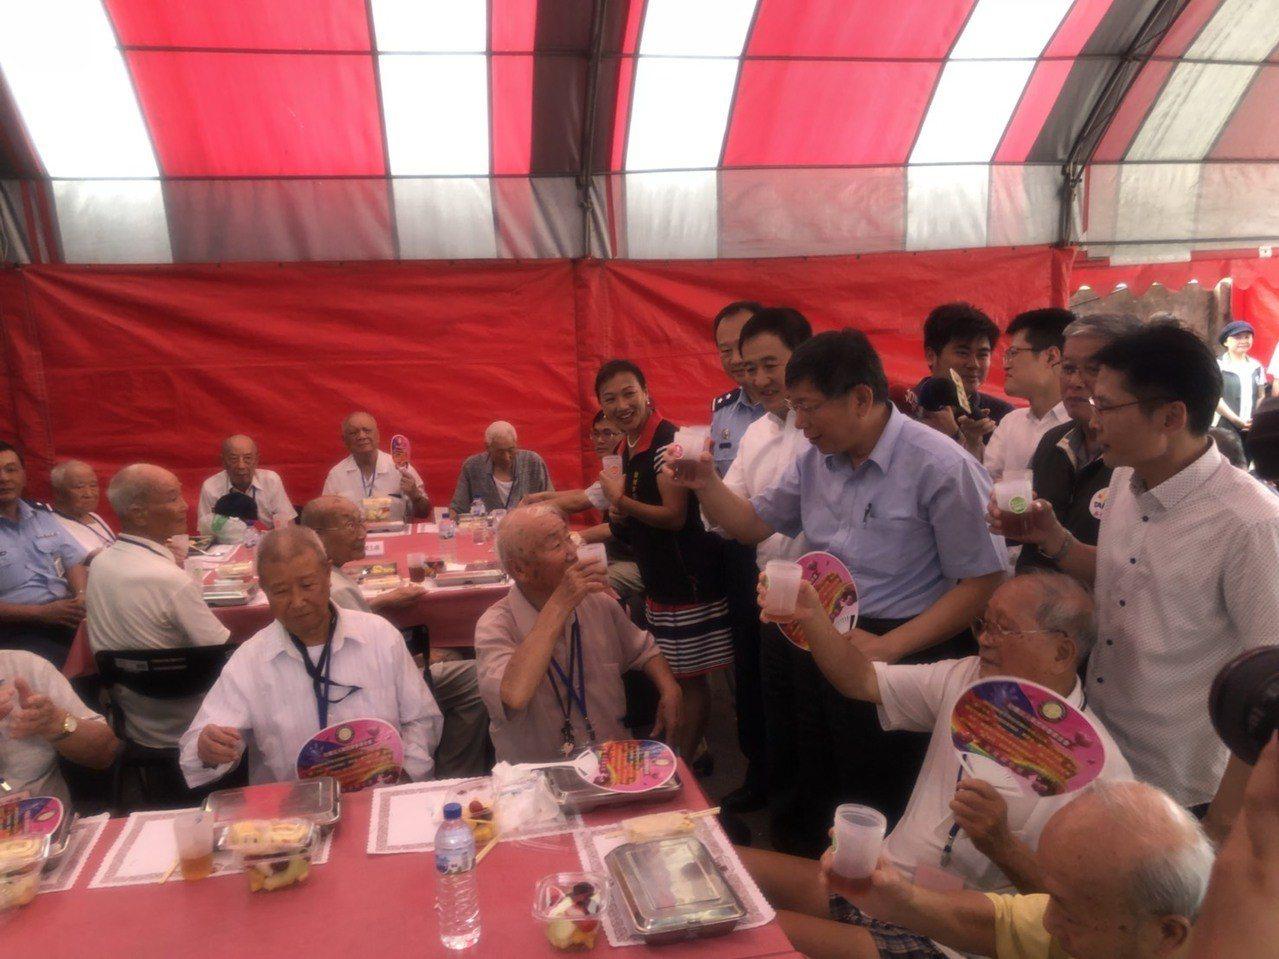 台北市長柯文哲今天中午訪視慰問大安區芳蘭山國軍單身退員宿舍,和榮民一塊用餐,被外...